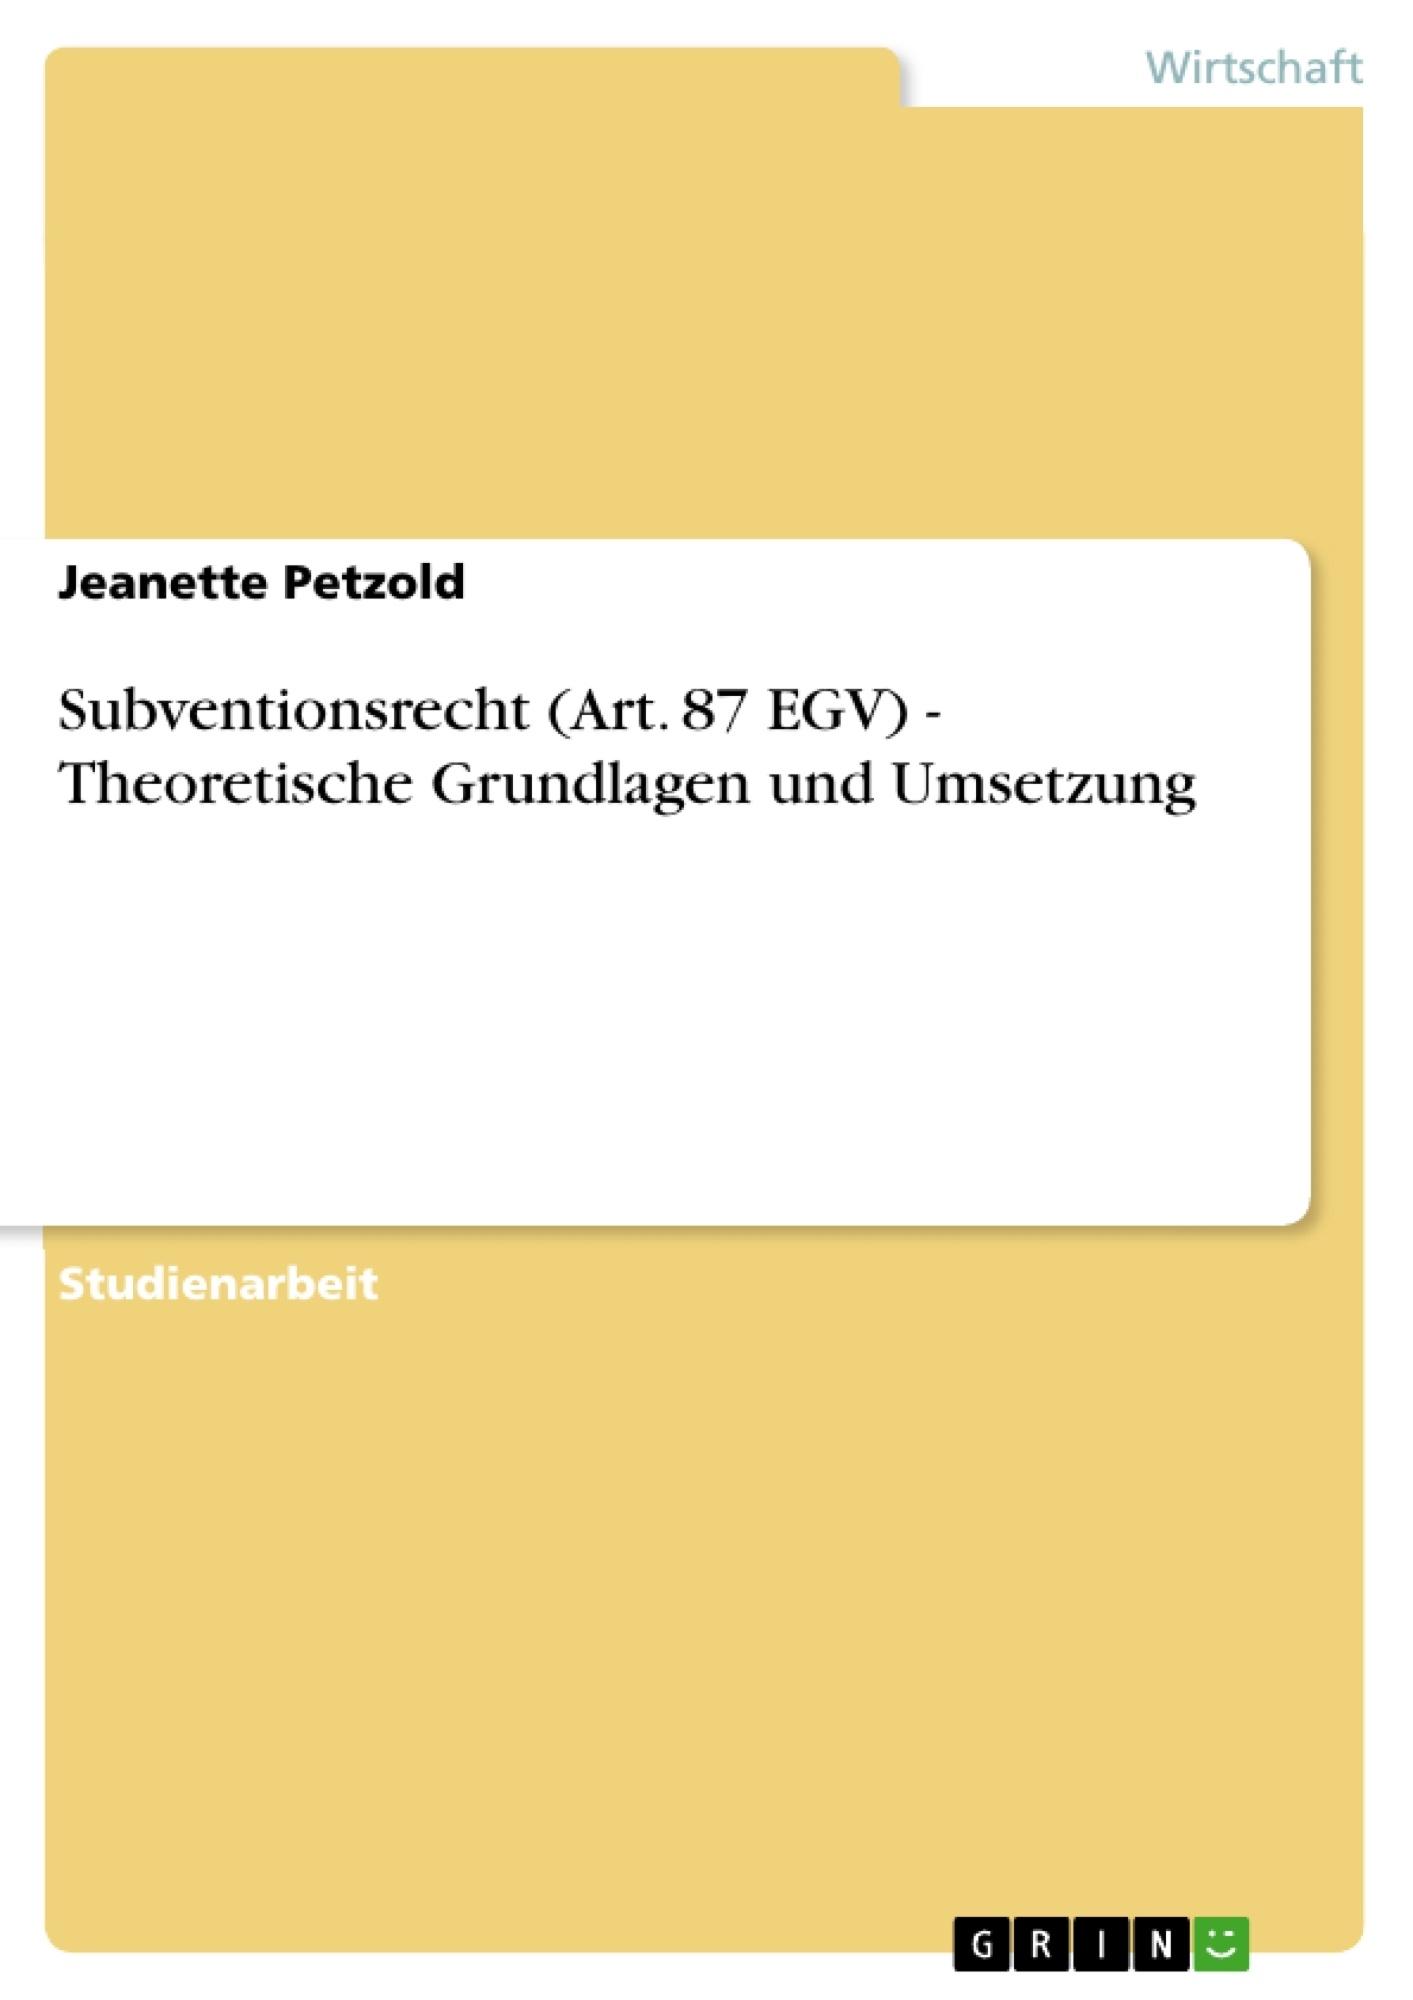 Titel: Subventionsrecht (Art. 87 EGV) - Theoretische Grundlagen und Umsetzung